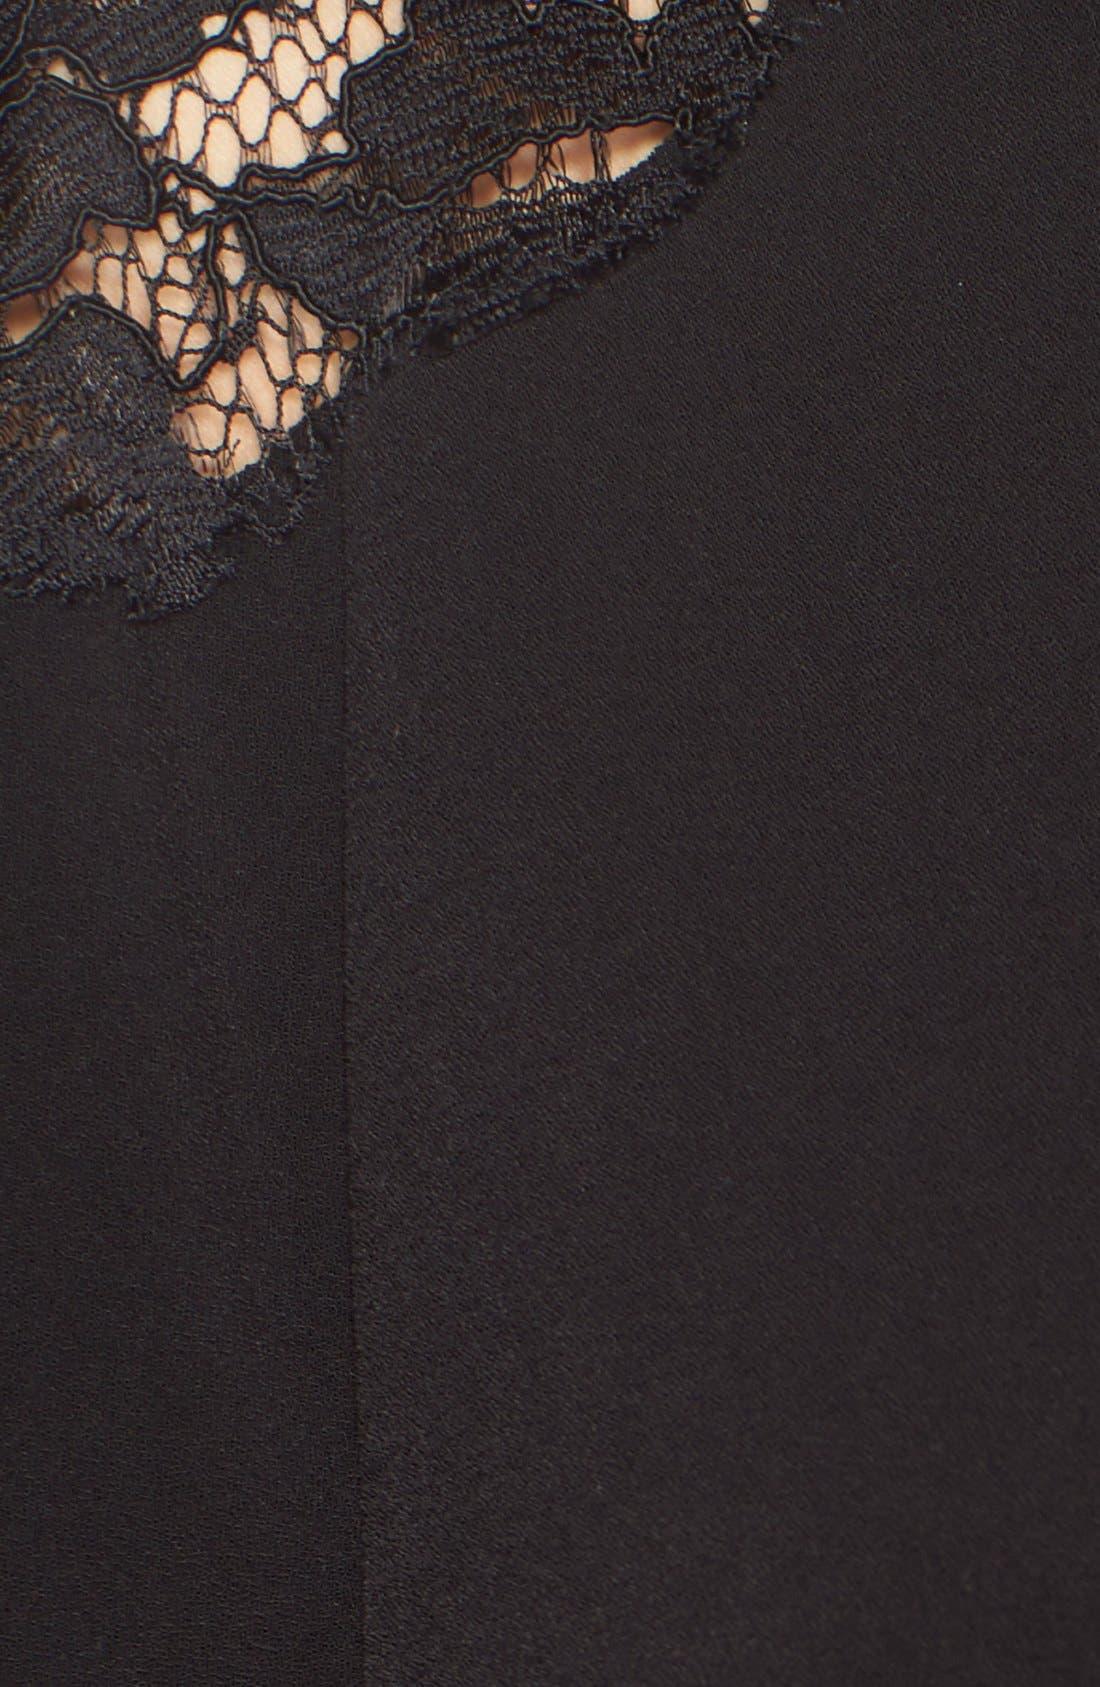 Lace Shoulder Crepe A-Line Dress,                             Alternate thumbnail 4, color,                             005